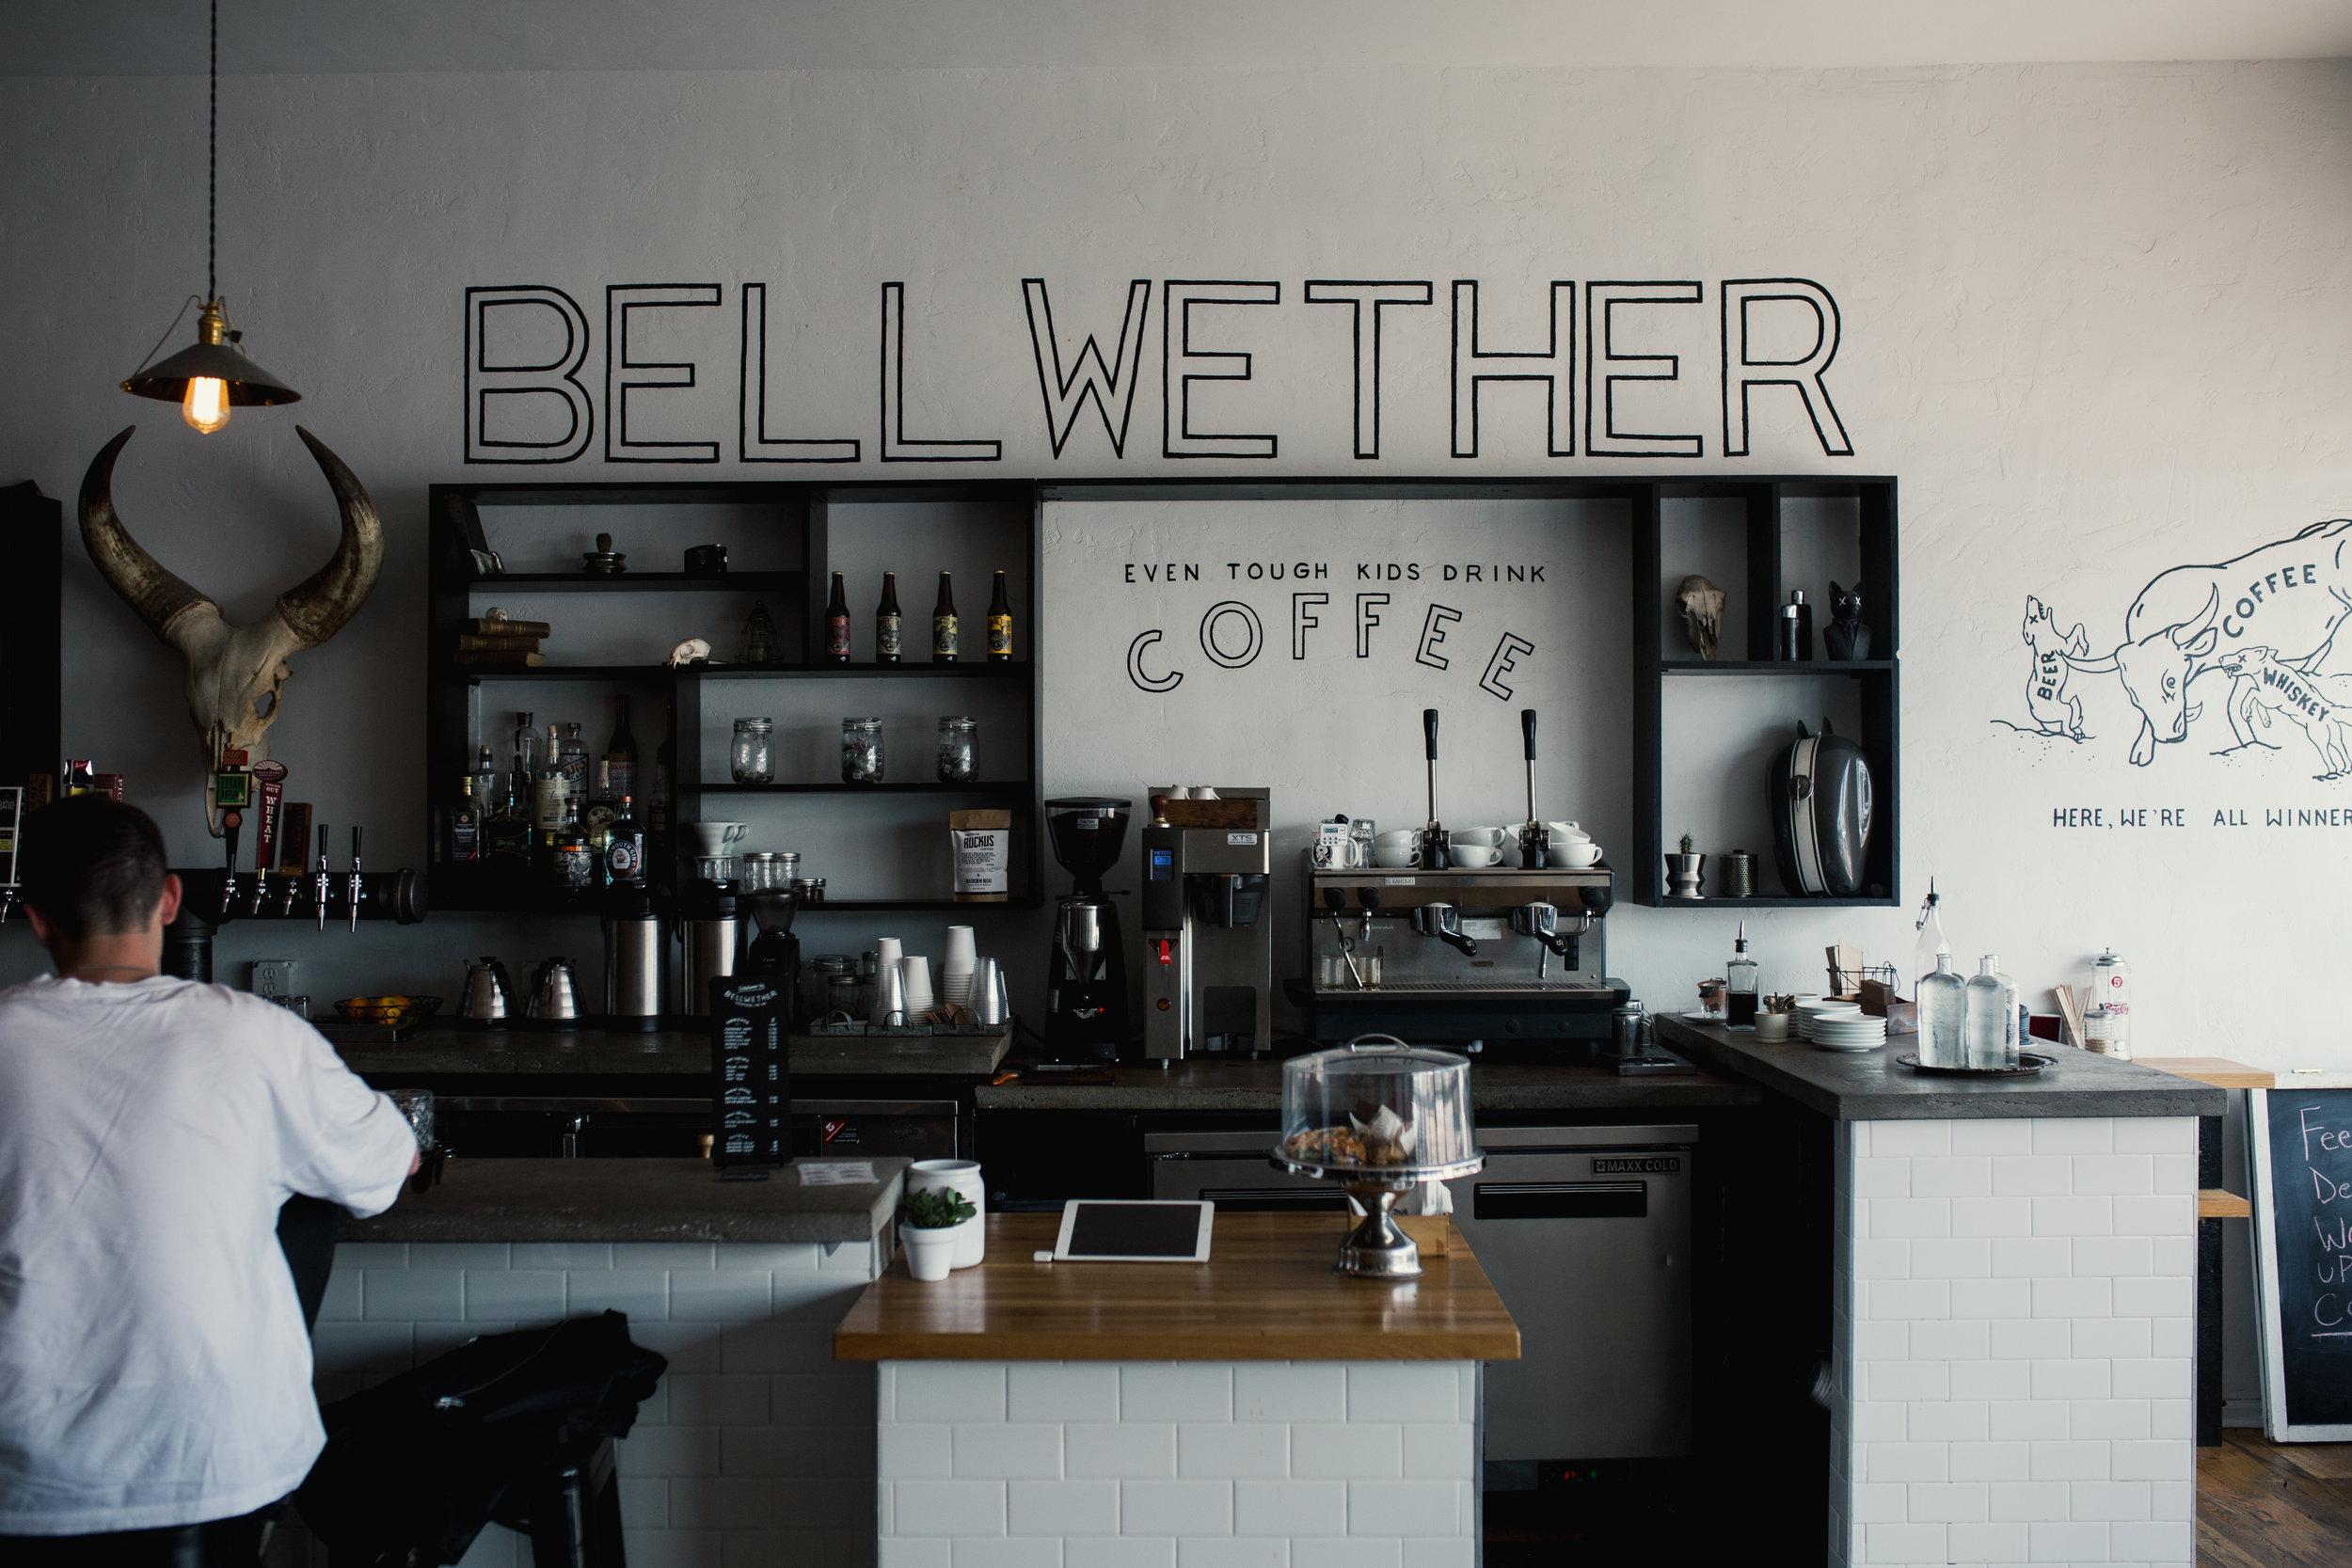 bellwether-21.jpg